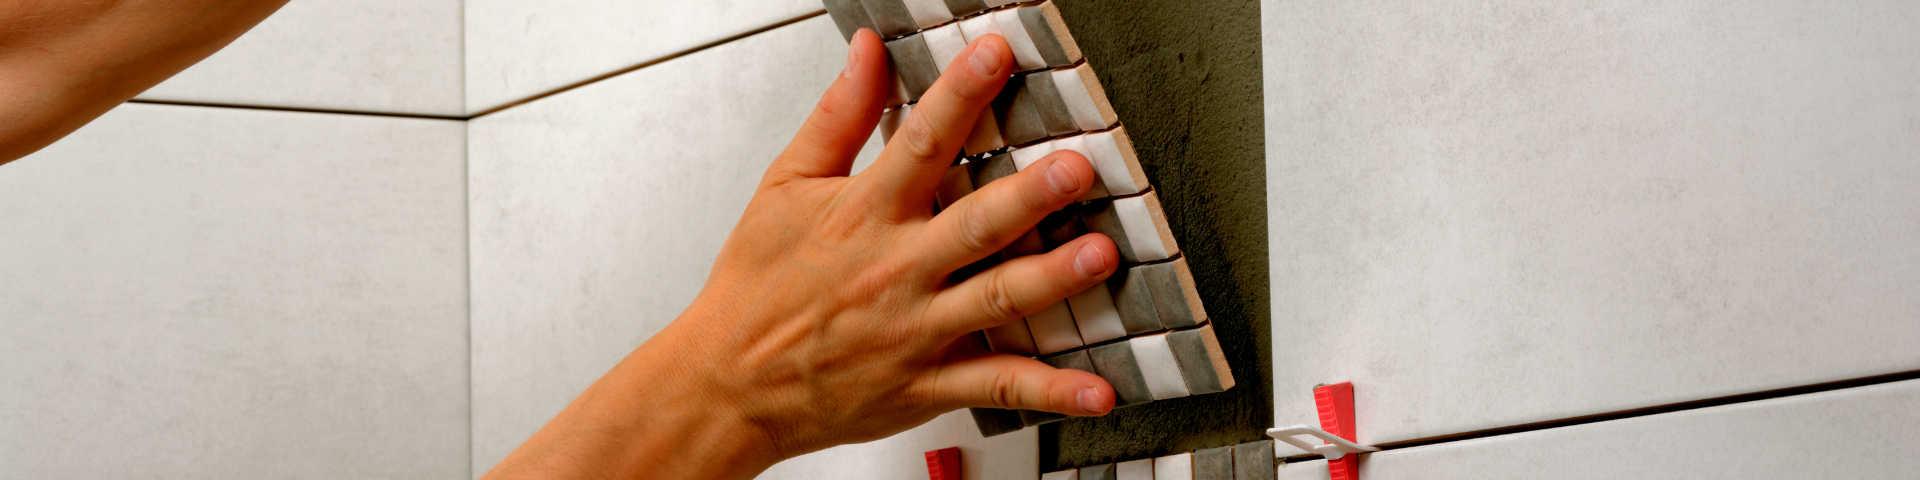 glazurnik układa płytki na ścianie, wykorzystując klipsy i kliny do poziomowania płytek